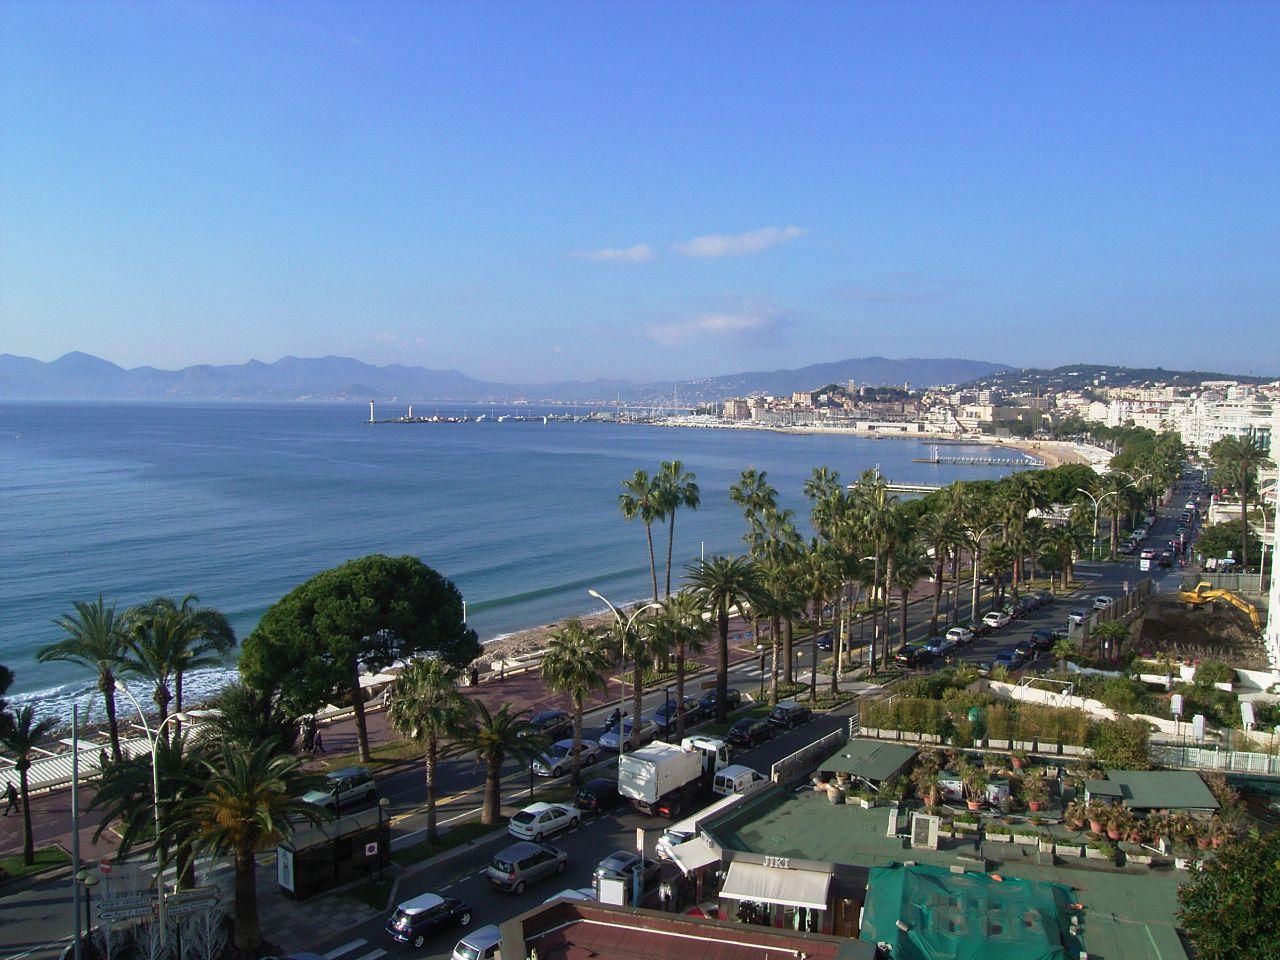 Widok Cannes z lotu ptaka by TOMOYOSHI